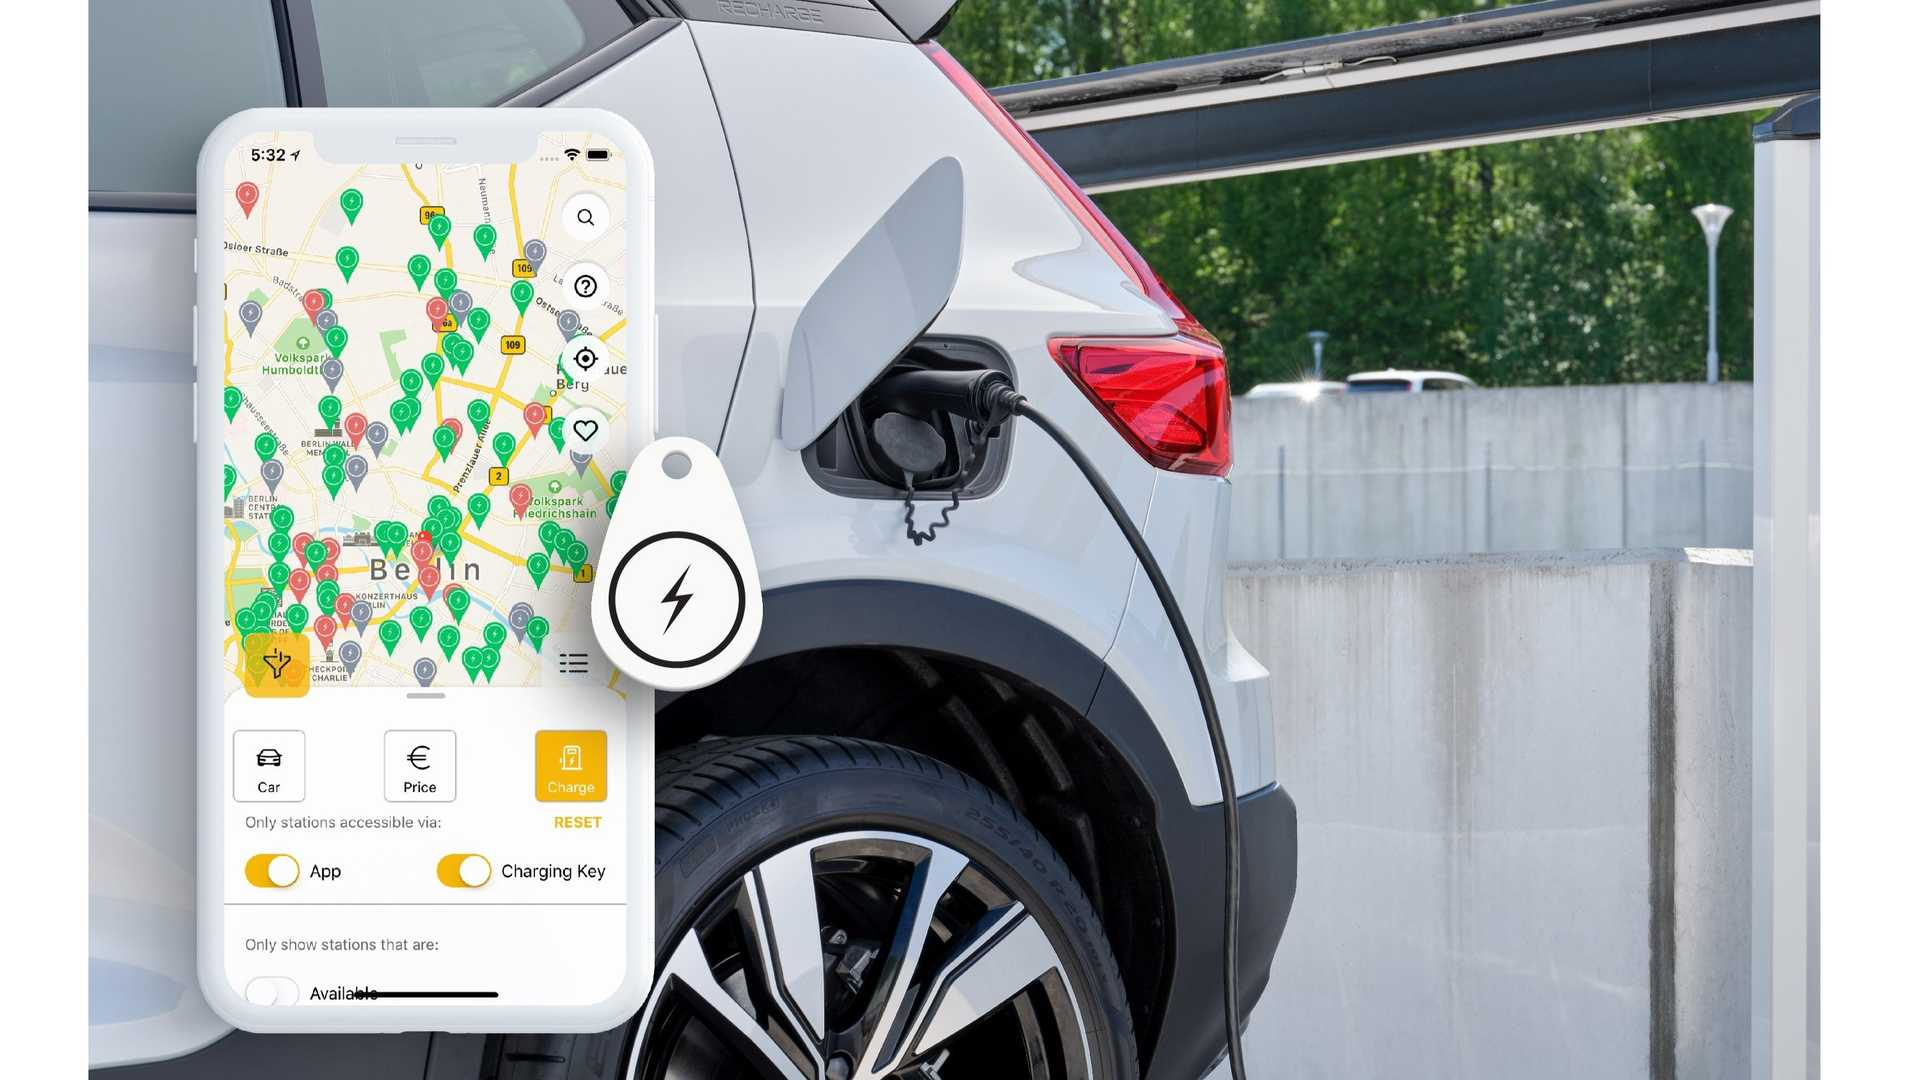 Volvo BEVs будет использовать Plugsurfing для общественной зарядки в Европе